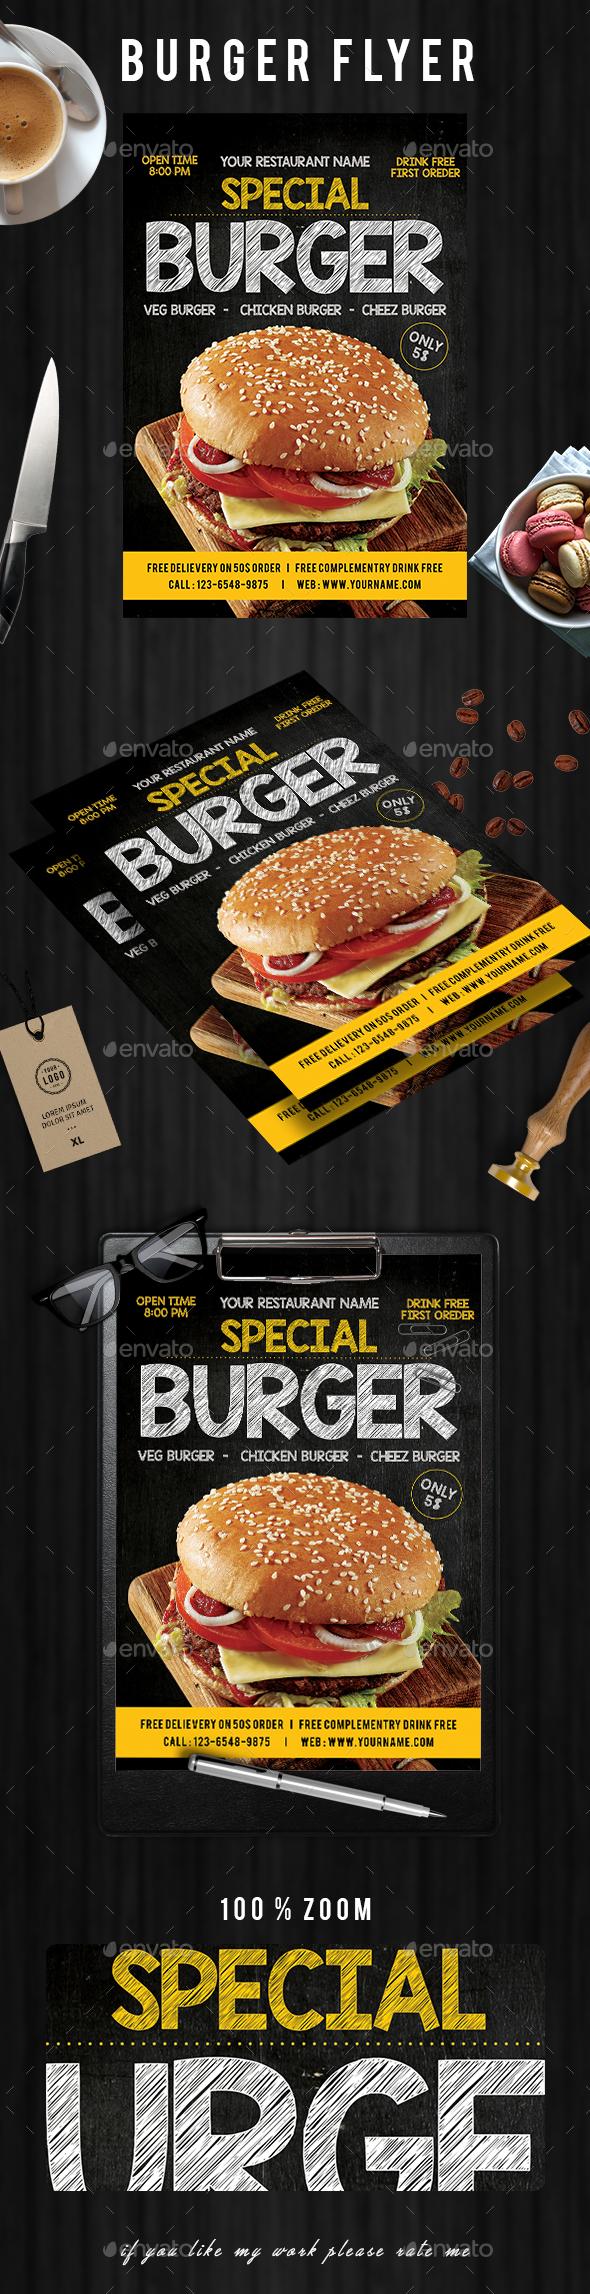 Burger Flyer - Events Flyers